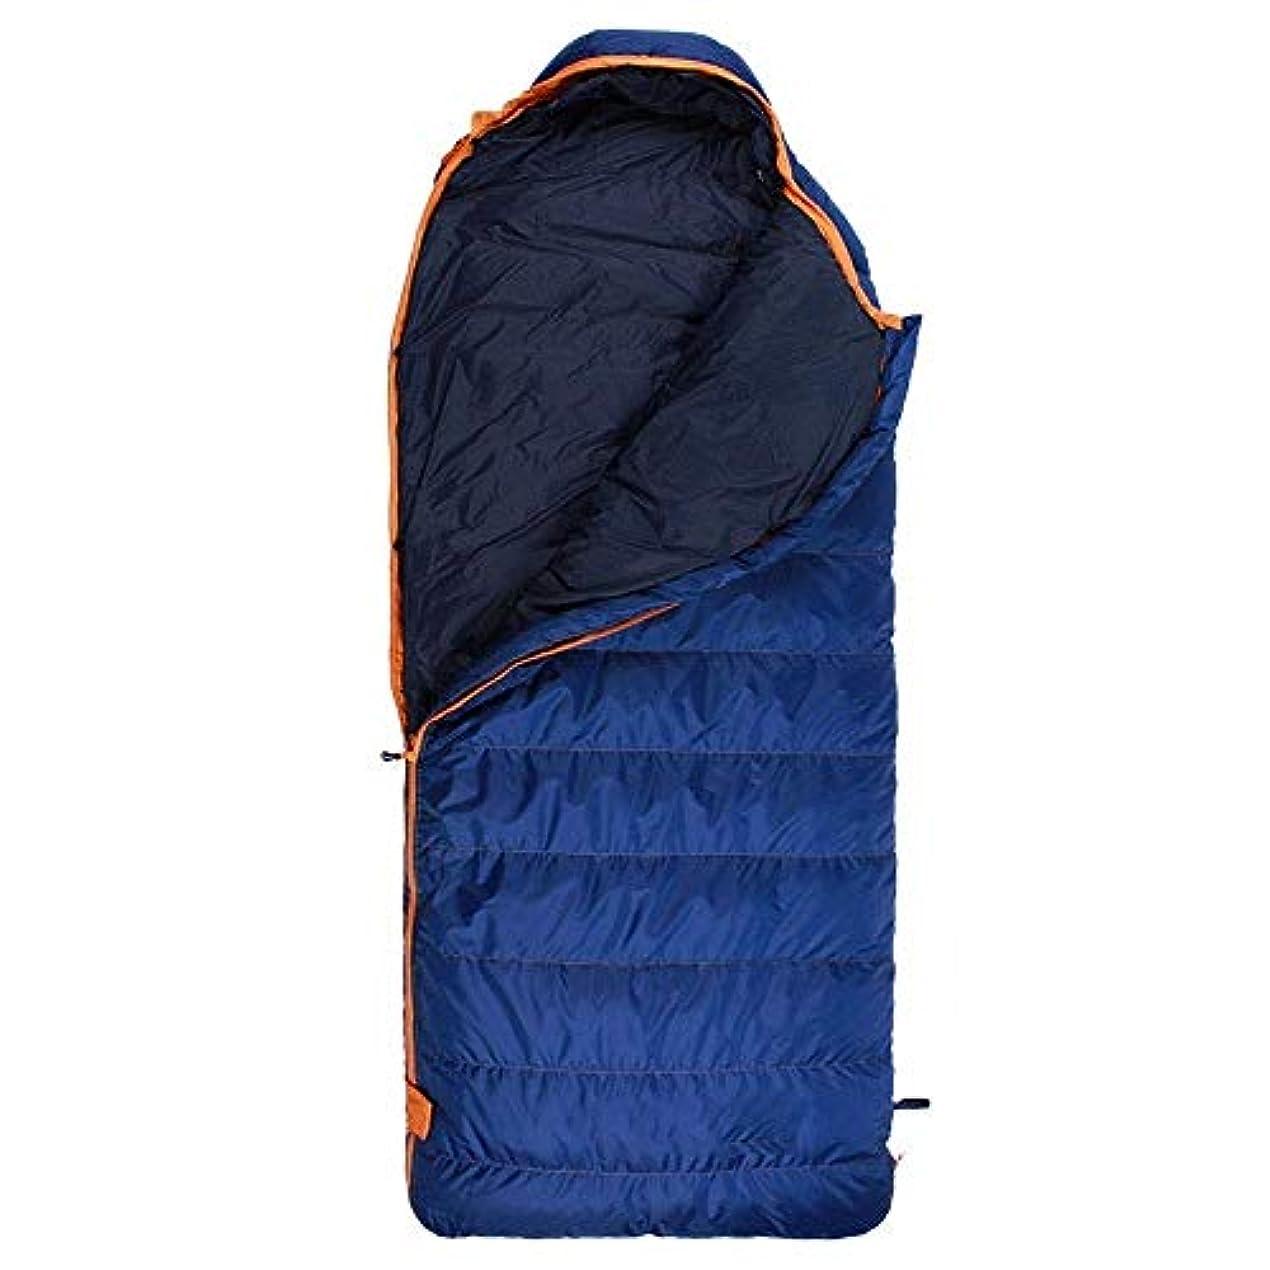 隠すハイキングに行く用心する寝袋超軽量キャンプ寝袋暖かくて軽いシングル3-4シーズン用大人ハイキングバックパックアウトドアアクティビティブルー (サイズ さいず : 400g)